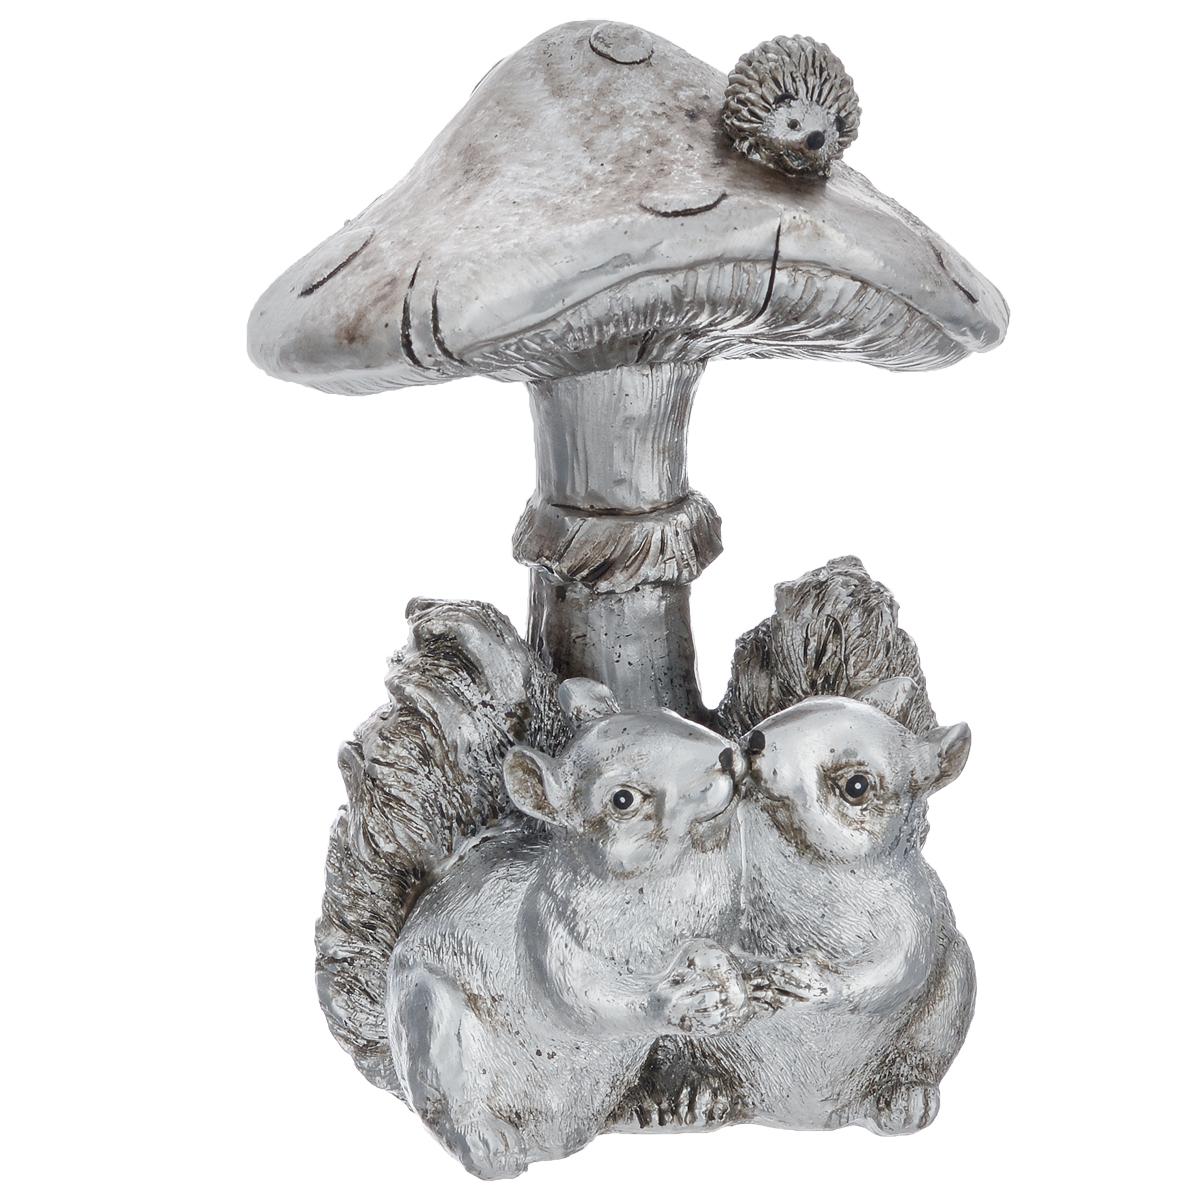 Фигурка декоративная Molento Белки под грибом, высота 14,5 см549-207Декоративная фигурка Molento Белки под грибом, изготовленная из полистоуна, выполнена в виде двух белок под грибом. Такая фигурка станет отличным дополнением к интерьеру. Вы можете поставить фигурку в любом месте, где она будет удачно смотреться, и радовать глаз. Кроме того, фигурка Белки под грибом станет чудесным сувениром для ваших друзей и близких. Размер фигурки: 11 см х 10,5 см х 14,5 см.